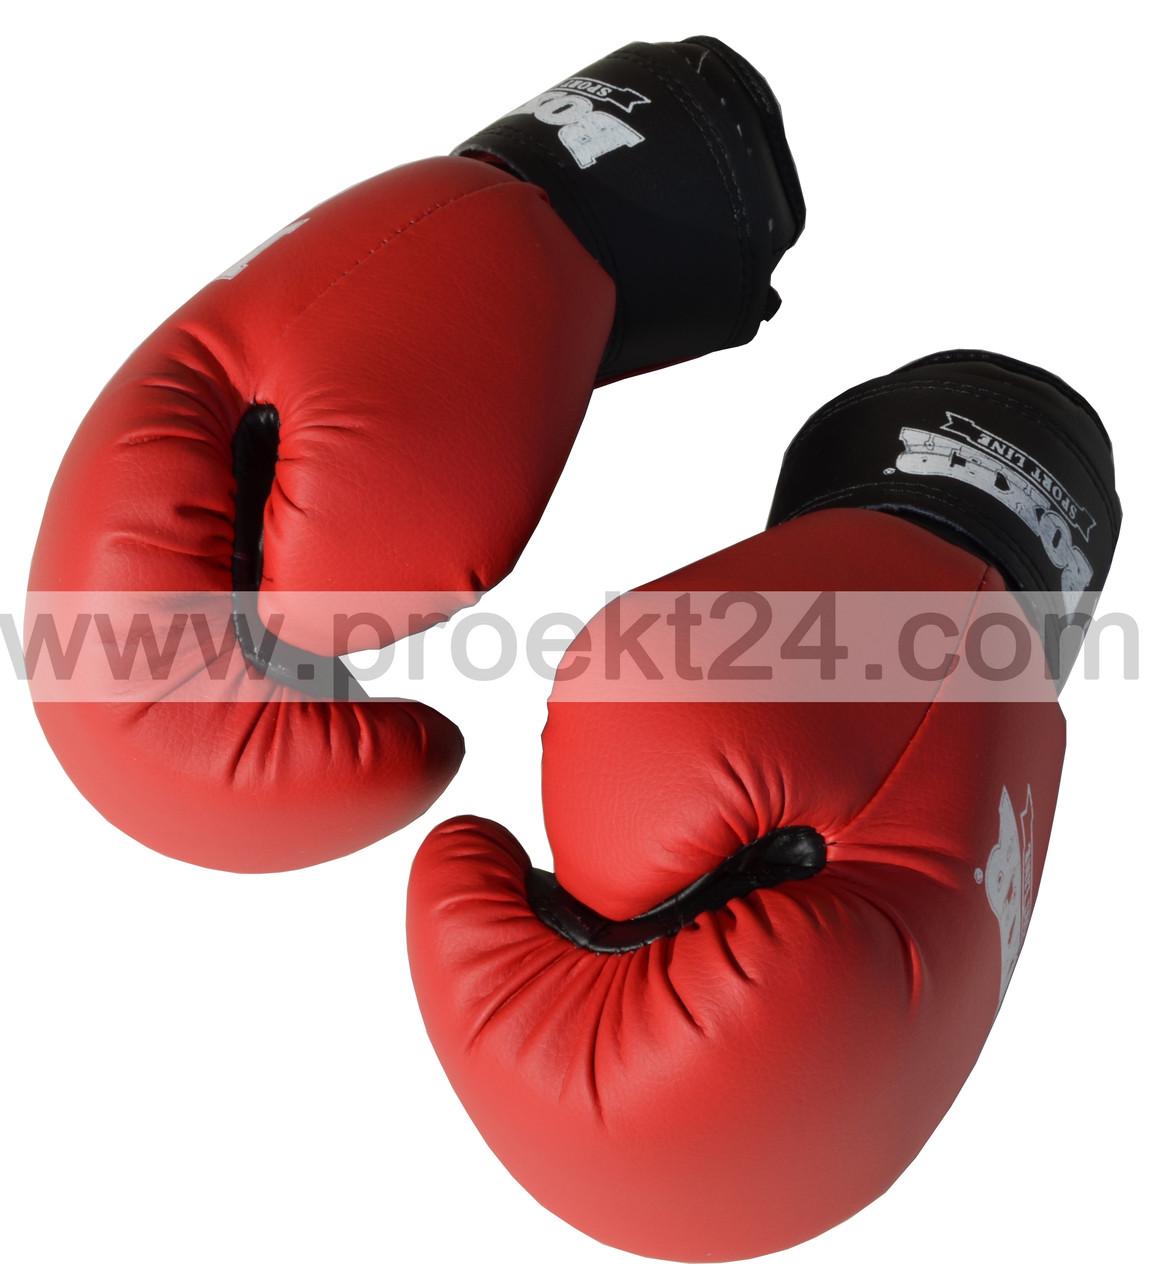 Боксерские перчатки 8 оz Кожвинил Элит (пара) - Глобальные энергосберегающие технологии  в Днепре